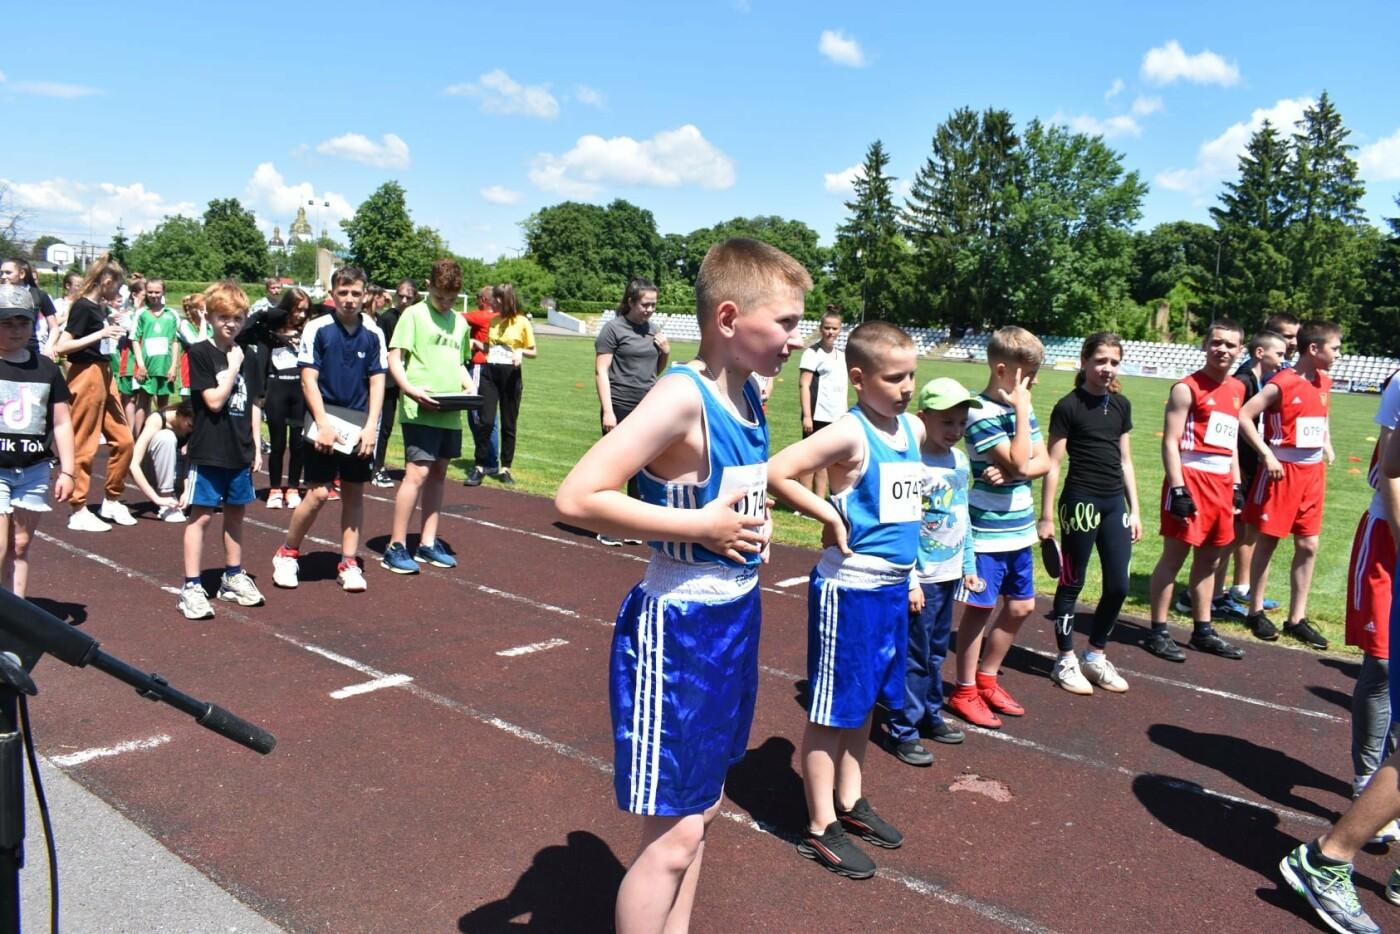 У Новограді відбувся легкоатлетичний пробіг під назвою «Рух – це здорово», фото-1